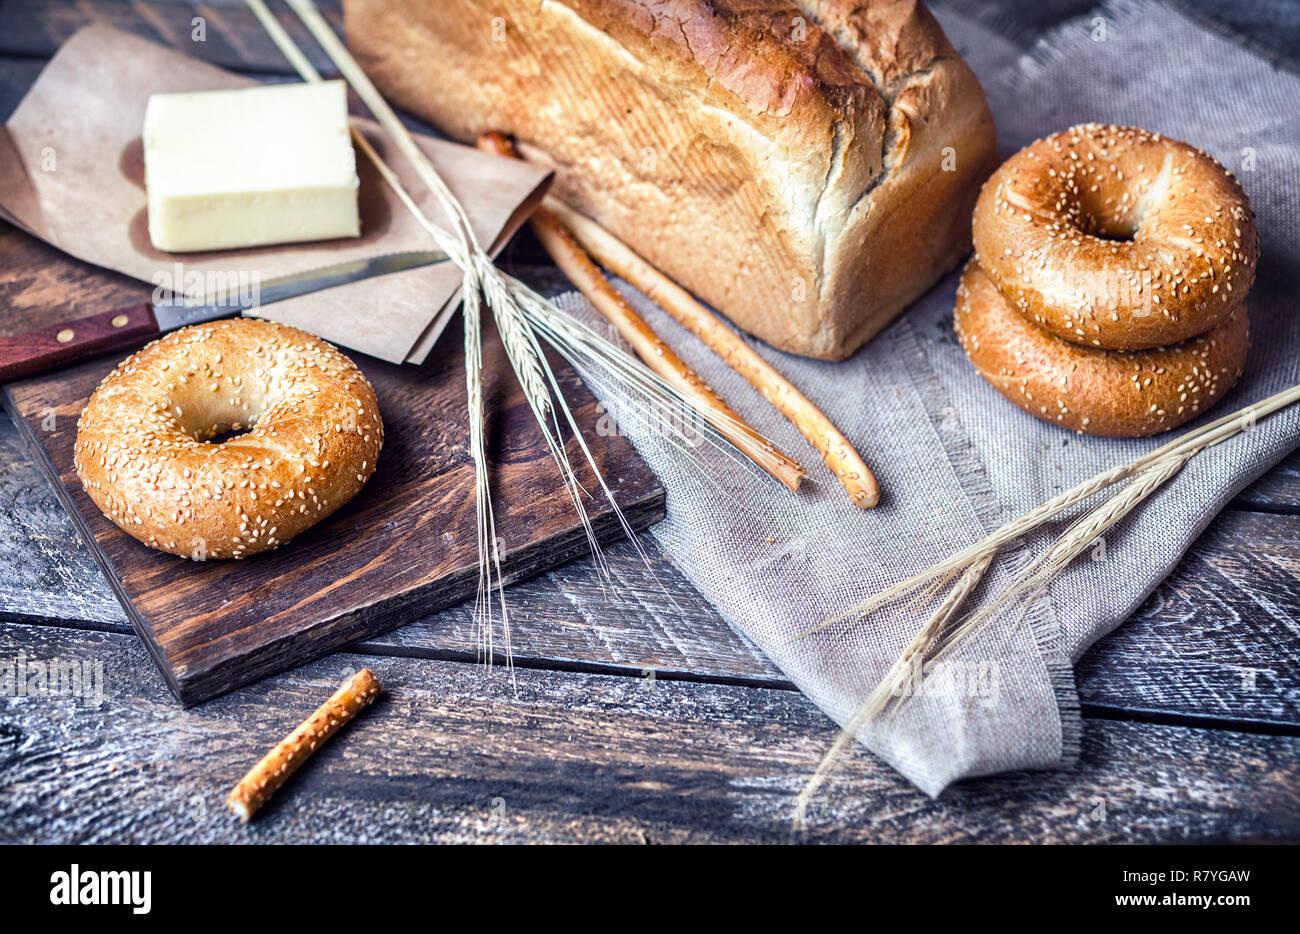 Brot mit Butter auf hölzernen Tisch Stockfoto